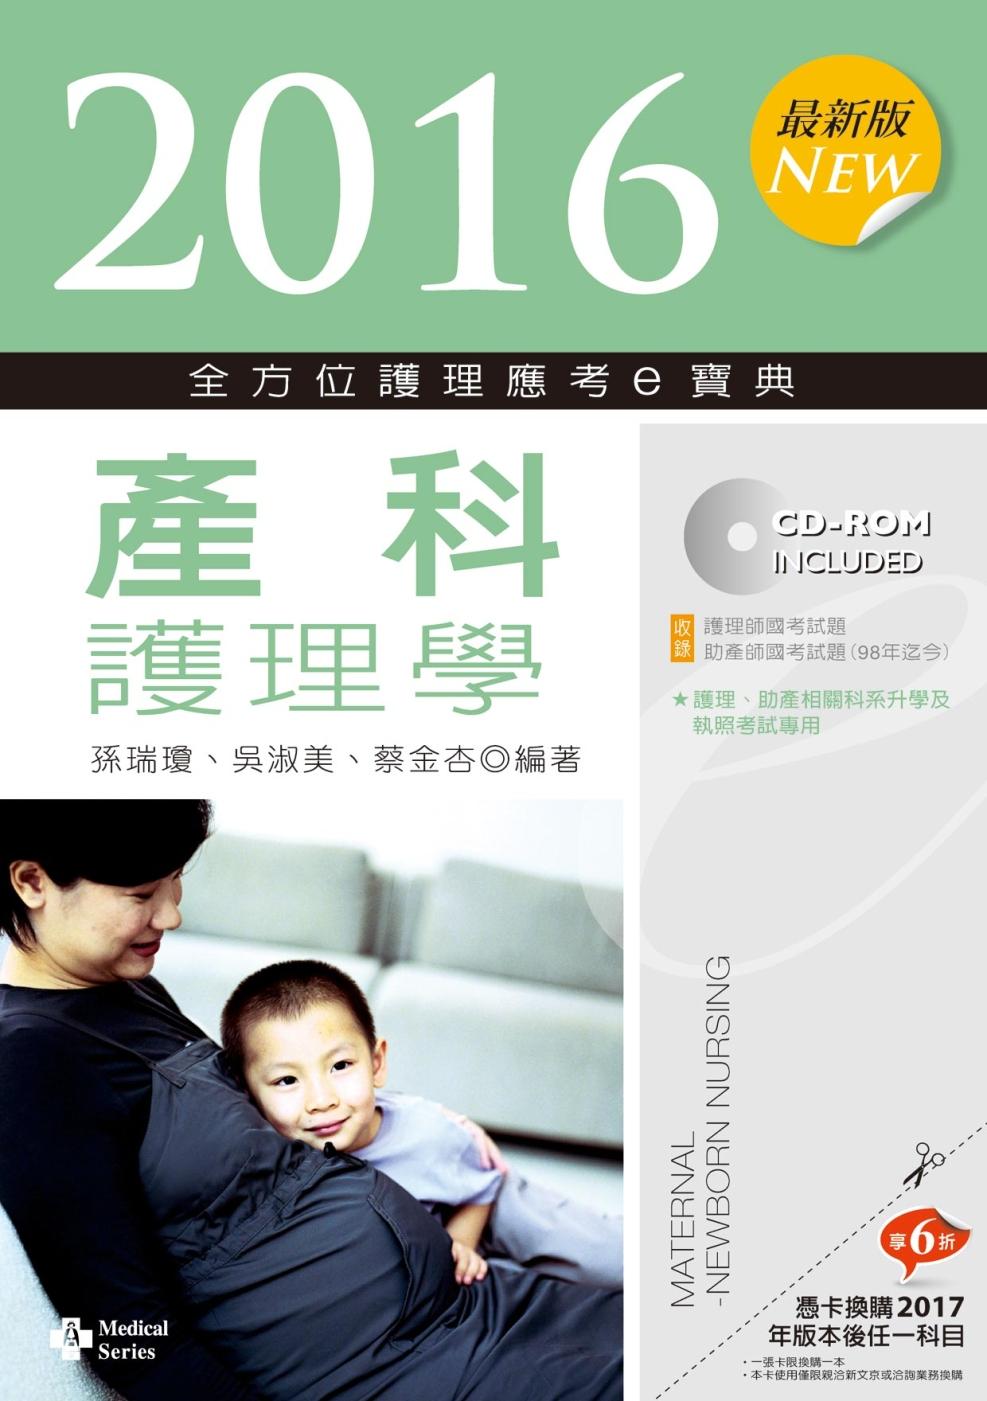 2016 版 全方位護理應考e寶典:產科護理學~附歷屆試題光碟^(護理師、助產師^)~^(